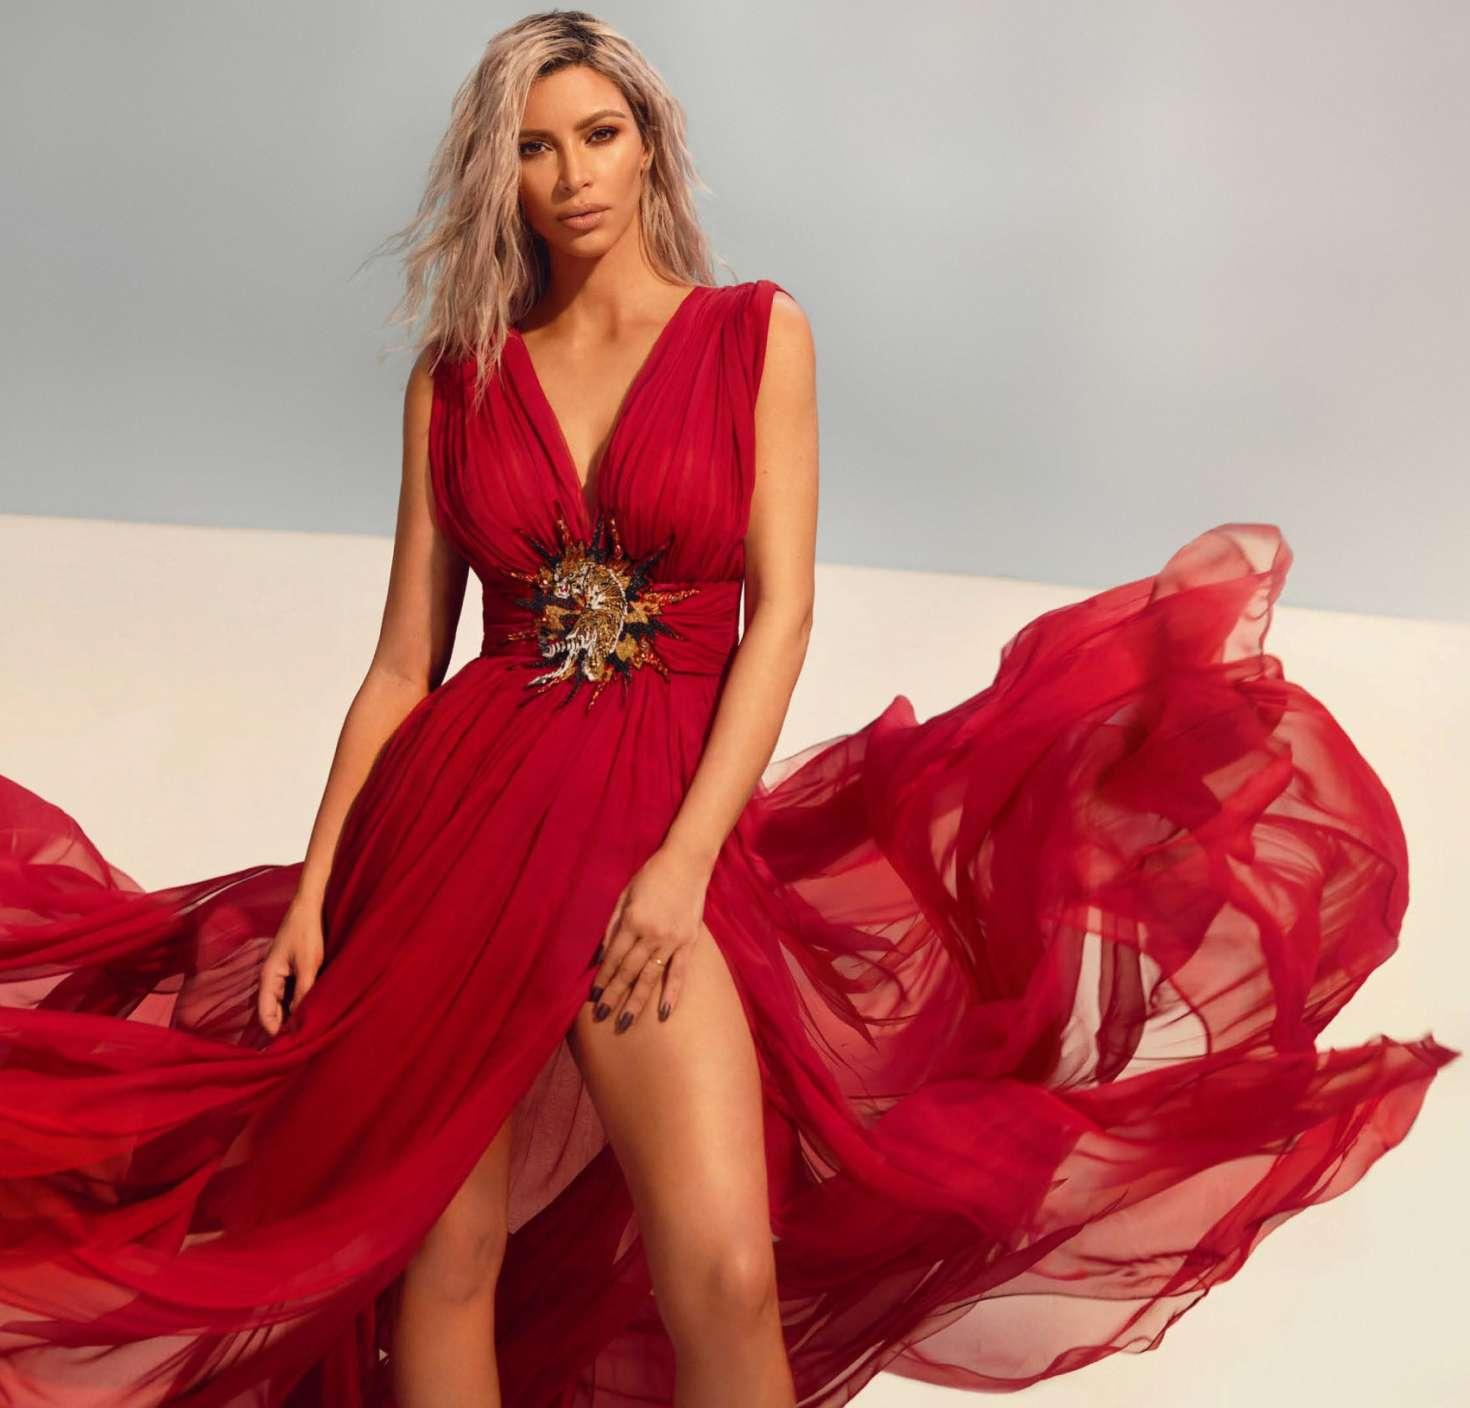 Kim Kardashian 2018 : Kim Kardashian: Vogue India 2018 adds -22